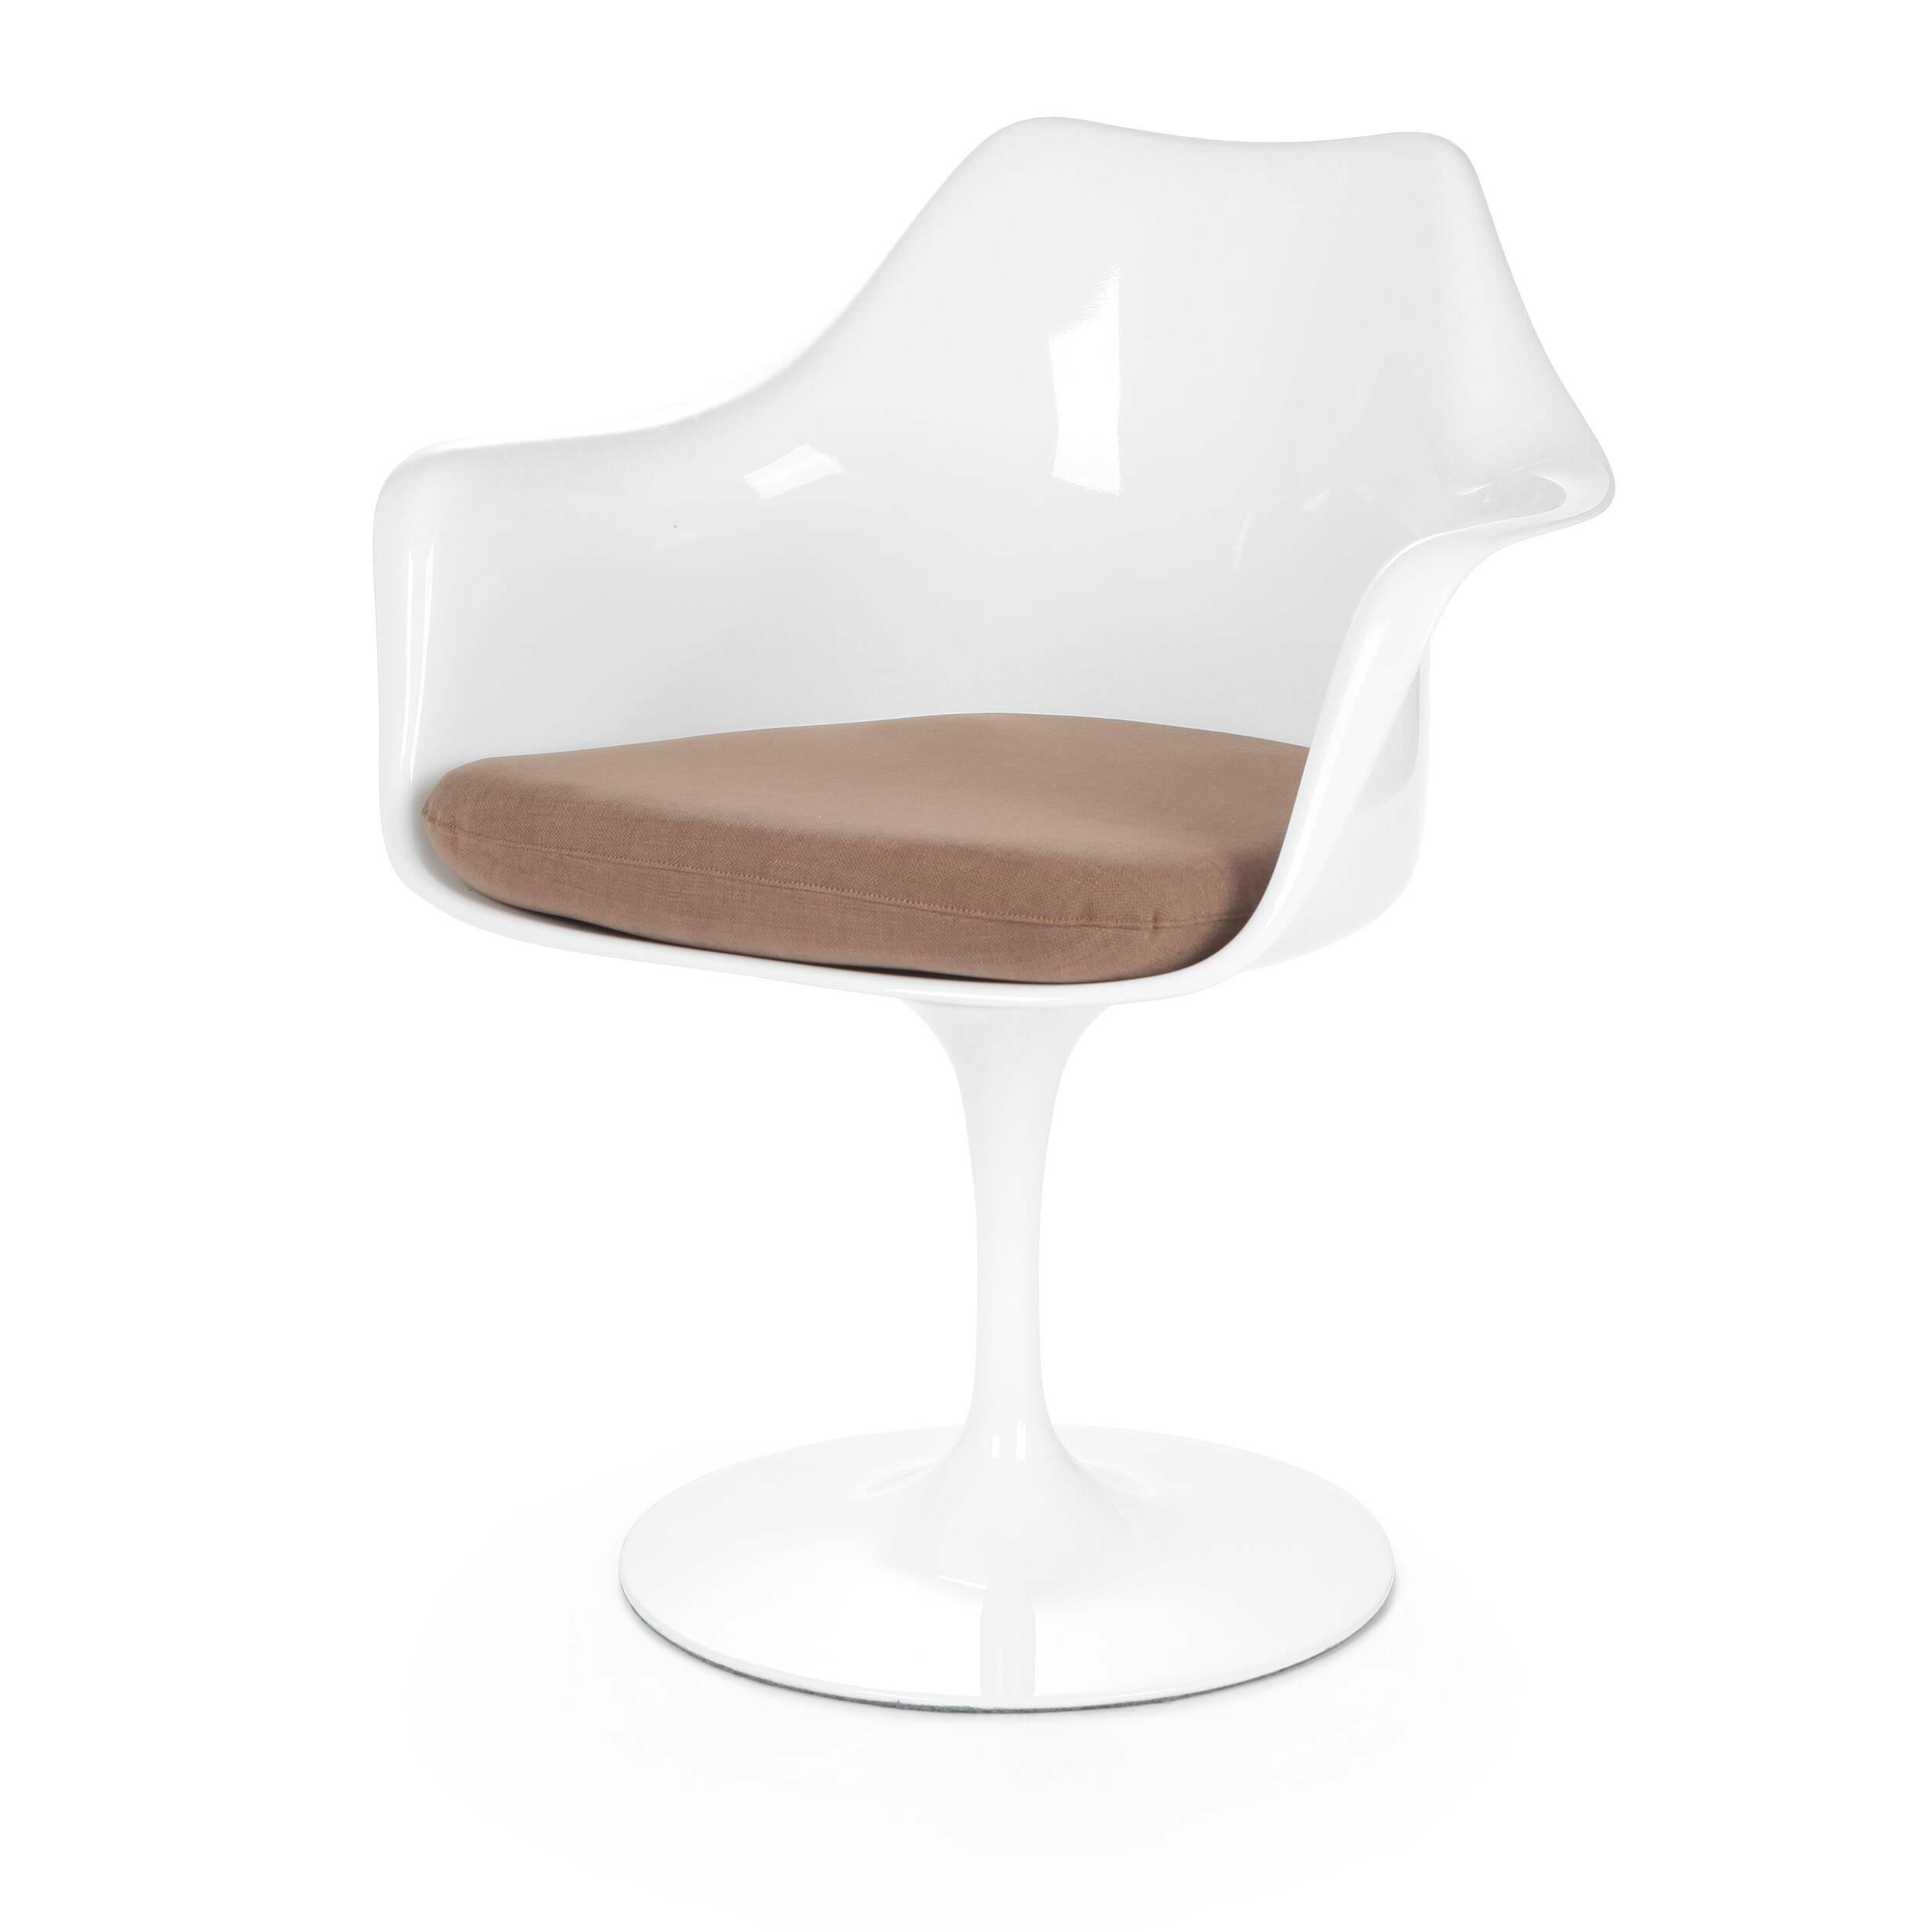 Cтул Tulip с подлокотниками и мягкой подушкойИнтерьерные<br>Дизайнерский мягкий стул Tulip (Тулип) с подлокотниками и мягкой подушкой из стекловолокна на глянцевой ножке с кожаным сиденьем от Cosmo (Космо).<br><br>     Свои основные идеи финн Ээро Сааринен черпал в аскетичном подходе к дизайну, воплощая их в наиболее эффективных конструкционных решениях. «Решение любой дизайнерской задачи нужно искать в следующей, более крупной вещи, — утверждал Сааринен. — Если загвоздка в стуле, мы должны смотреть на то, как он соотносится с комнатой». Именно в стуле Tu...<br><br>stock: 4<br>Высота: 80,5<br>Высота сиденья: 47<br>Ширина: 66<br>Глубина: 58<br>Цвет ножек: Белый глянец<br>Тип материала каркаса: Стекловолокно<br>Материал сидения: Хлопок, Лен<br>Цвет сидения: Светло-коричневый<br>Тип материала сидения: Ткань<br>Коллекция ткани: Ray Fabric<br>Тип материала ножек: Алюминий<br>Цвет каркаса: Белый глянец